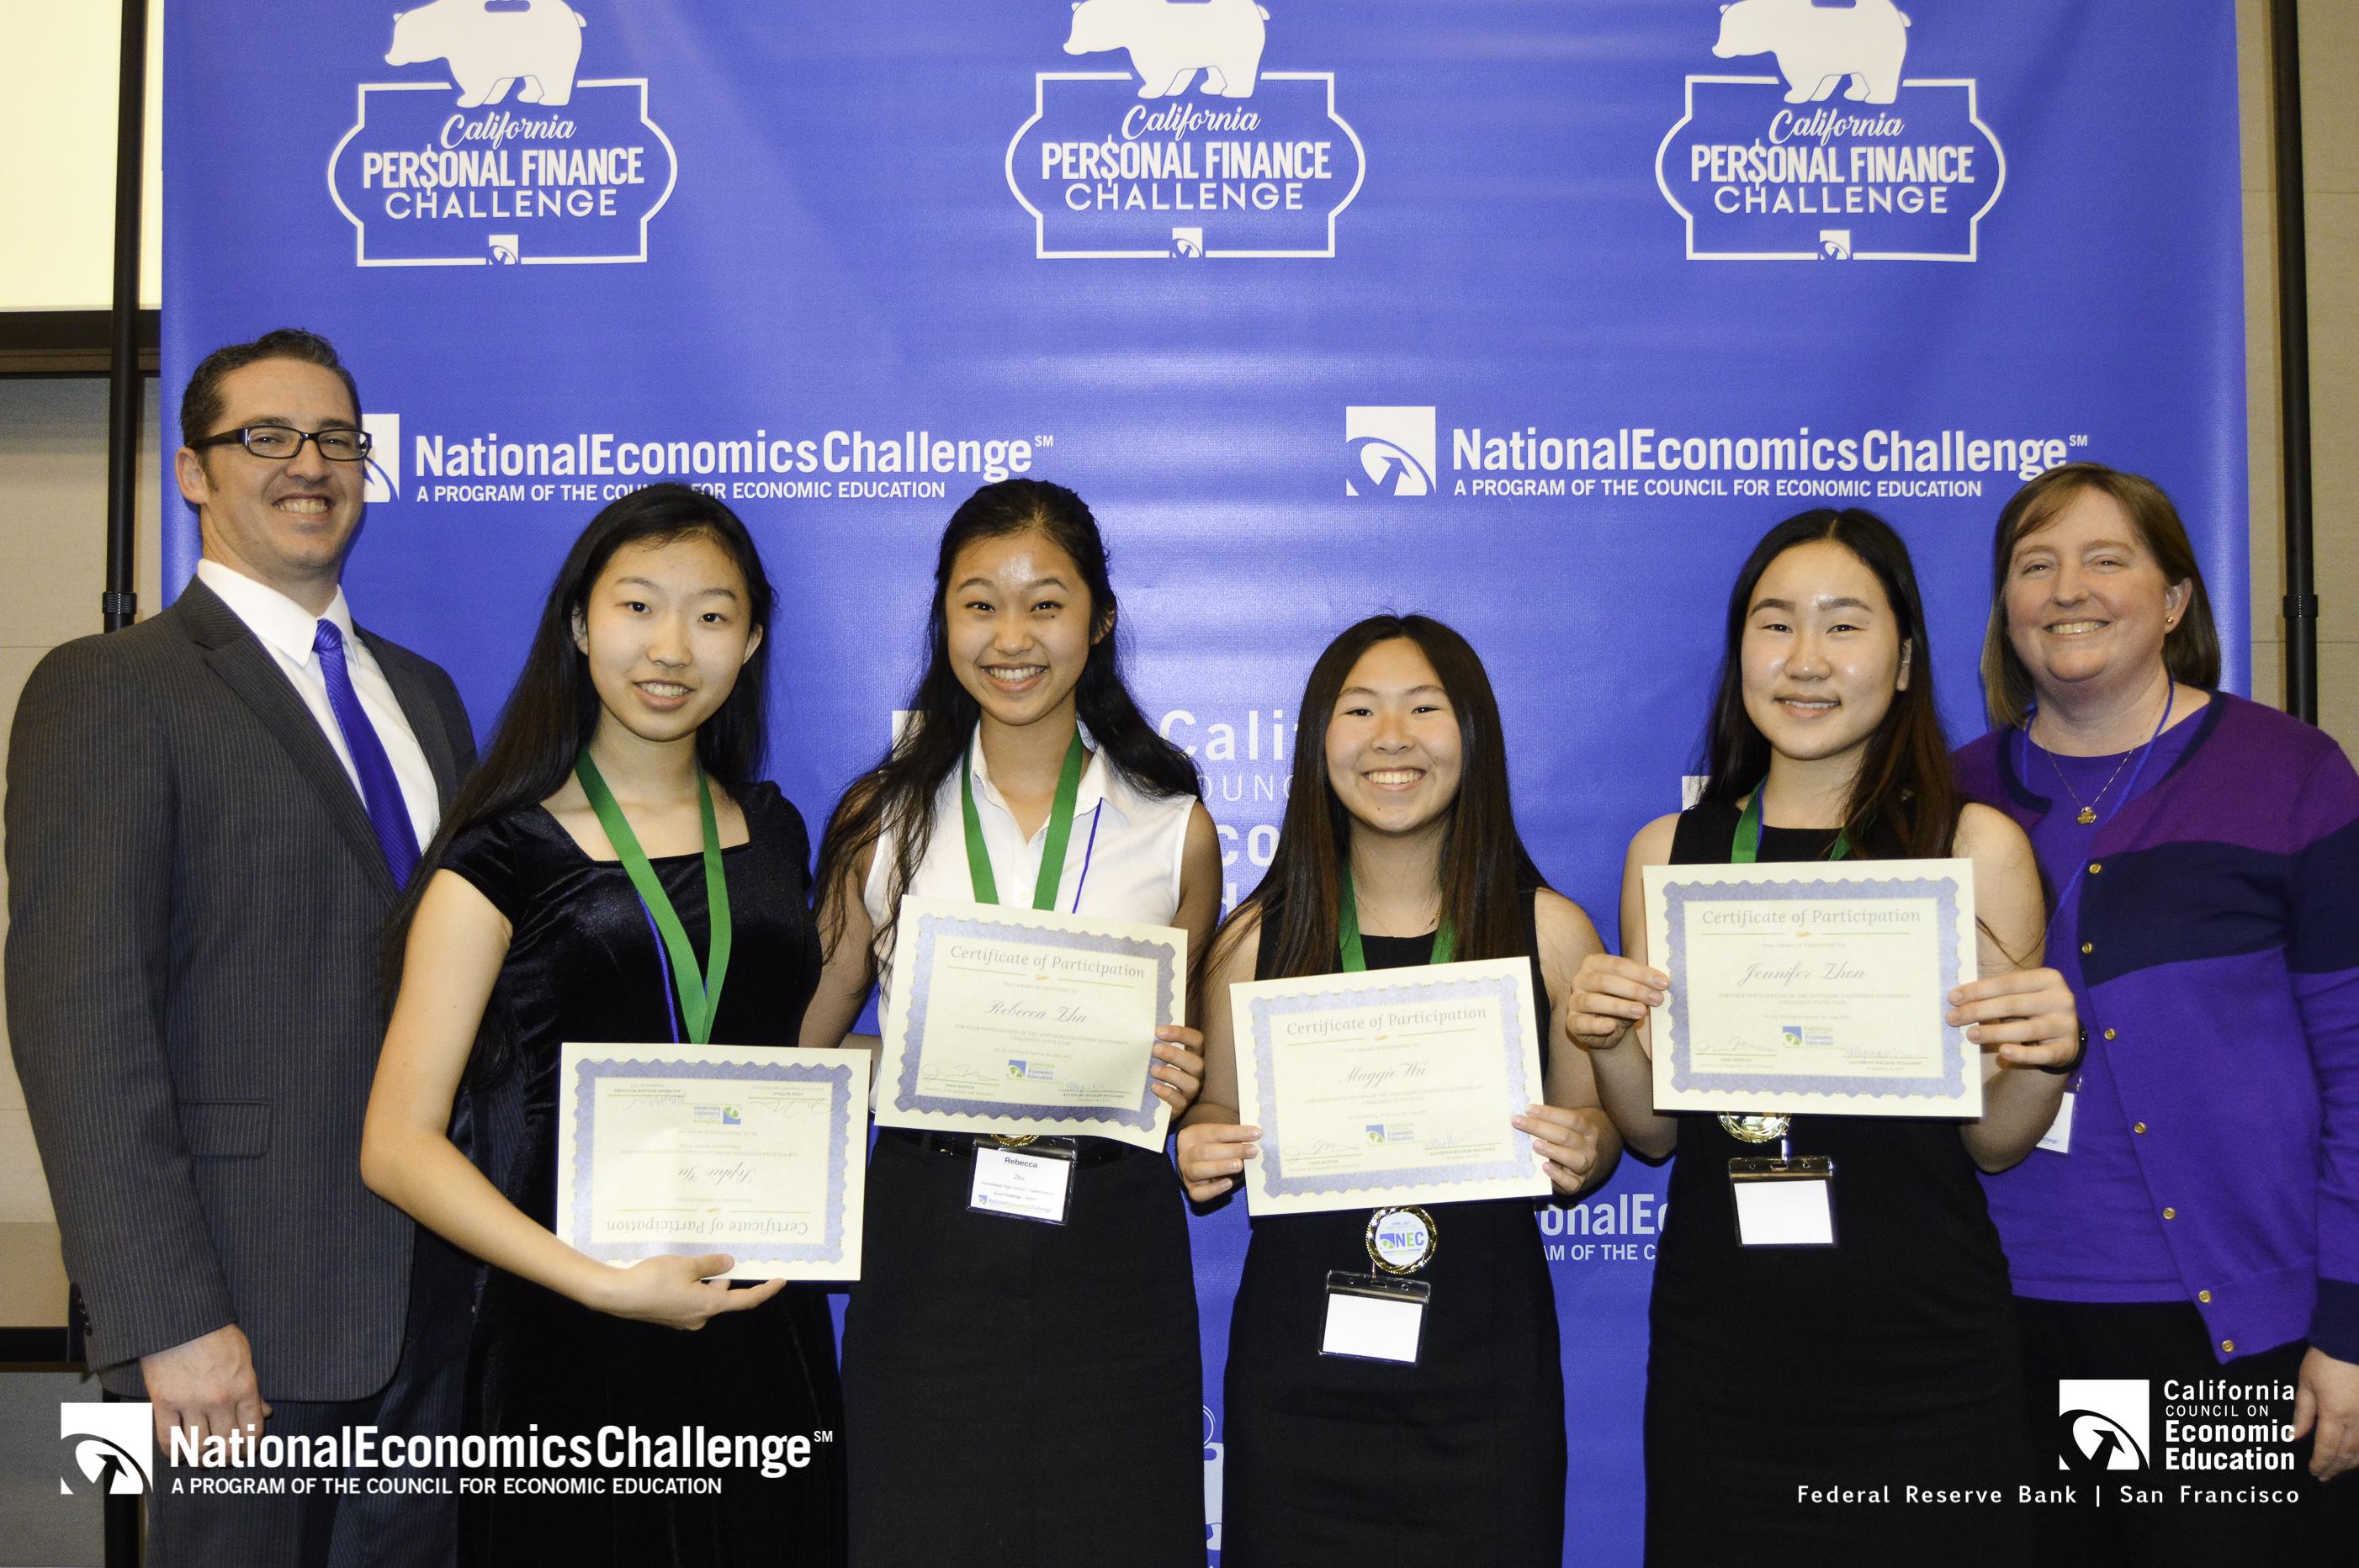 Homestead High School - Maggie Wu, Sophie Yu, Rebecca Zhu, Jennifer Zhou